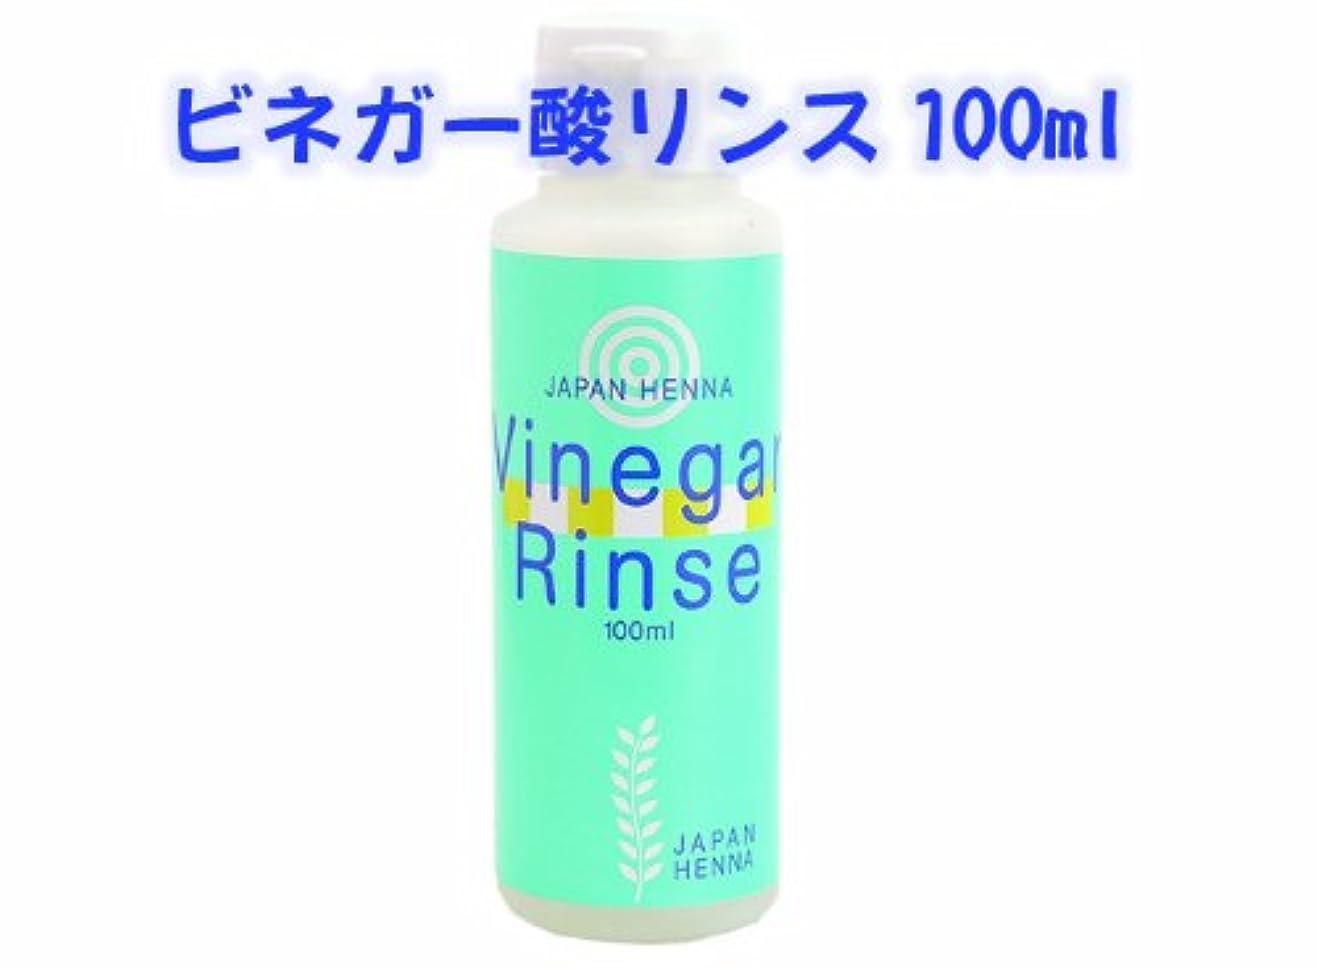 宿再び蒸ジャパンヘナ ビネガーリンス 100ml